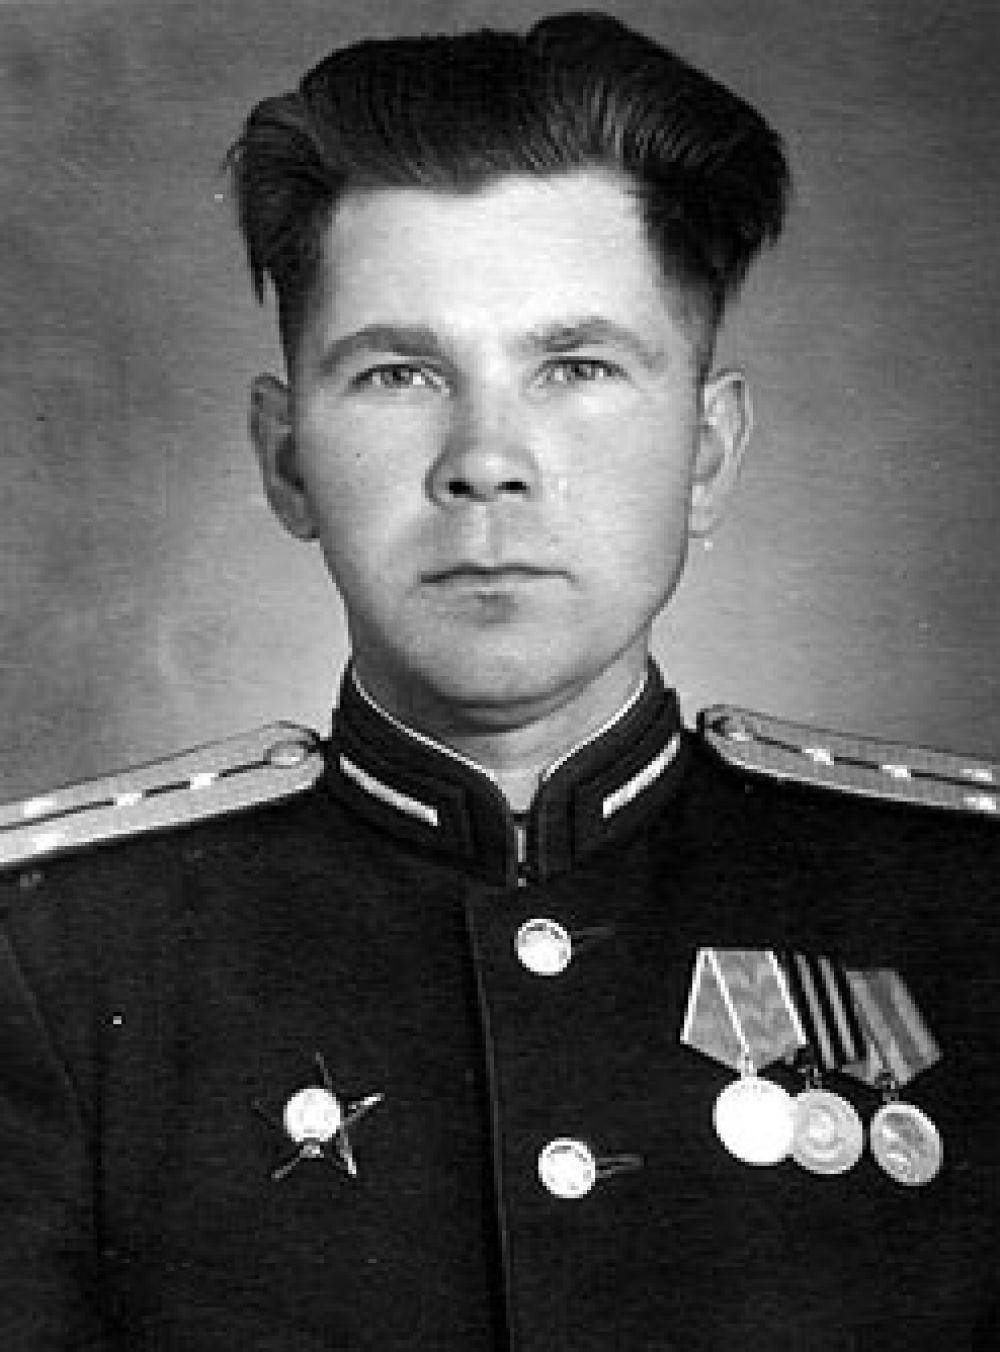 Шелякин Александр Андреевич командовал стрелковым батальоном под Воронежем в 1942 году.